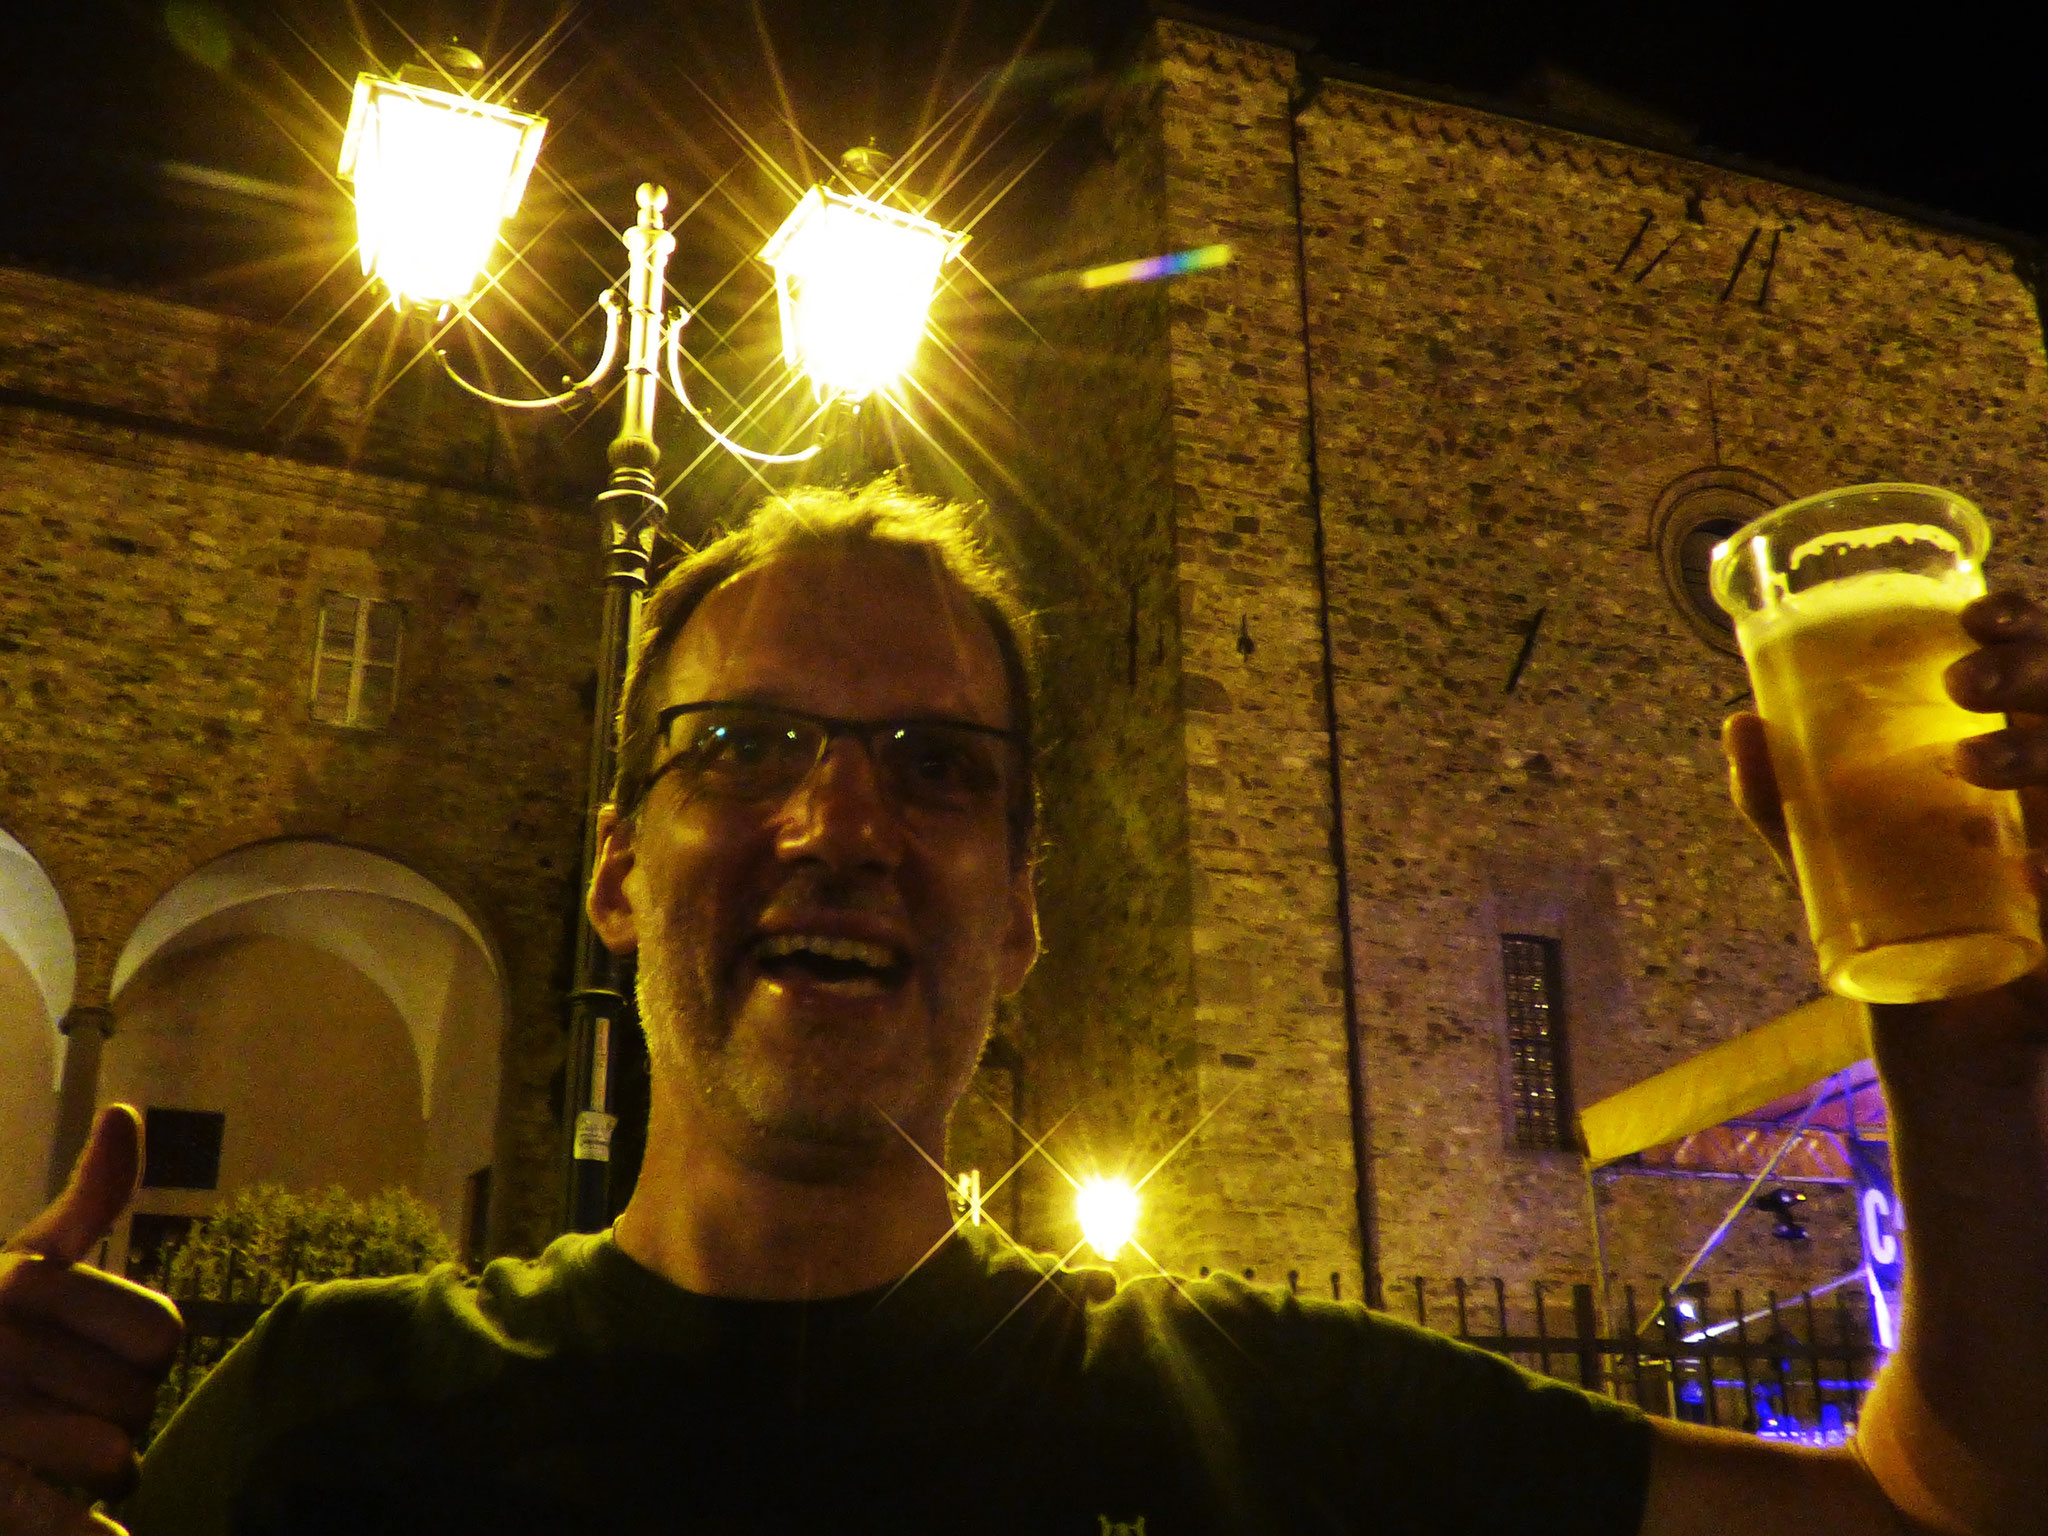 Bobbio  6 luglio 2019     Concerto in piazza santa Fara  con  I CANI DELLA BISCIA e I BELLI FUORI  dalle ore 22:00